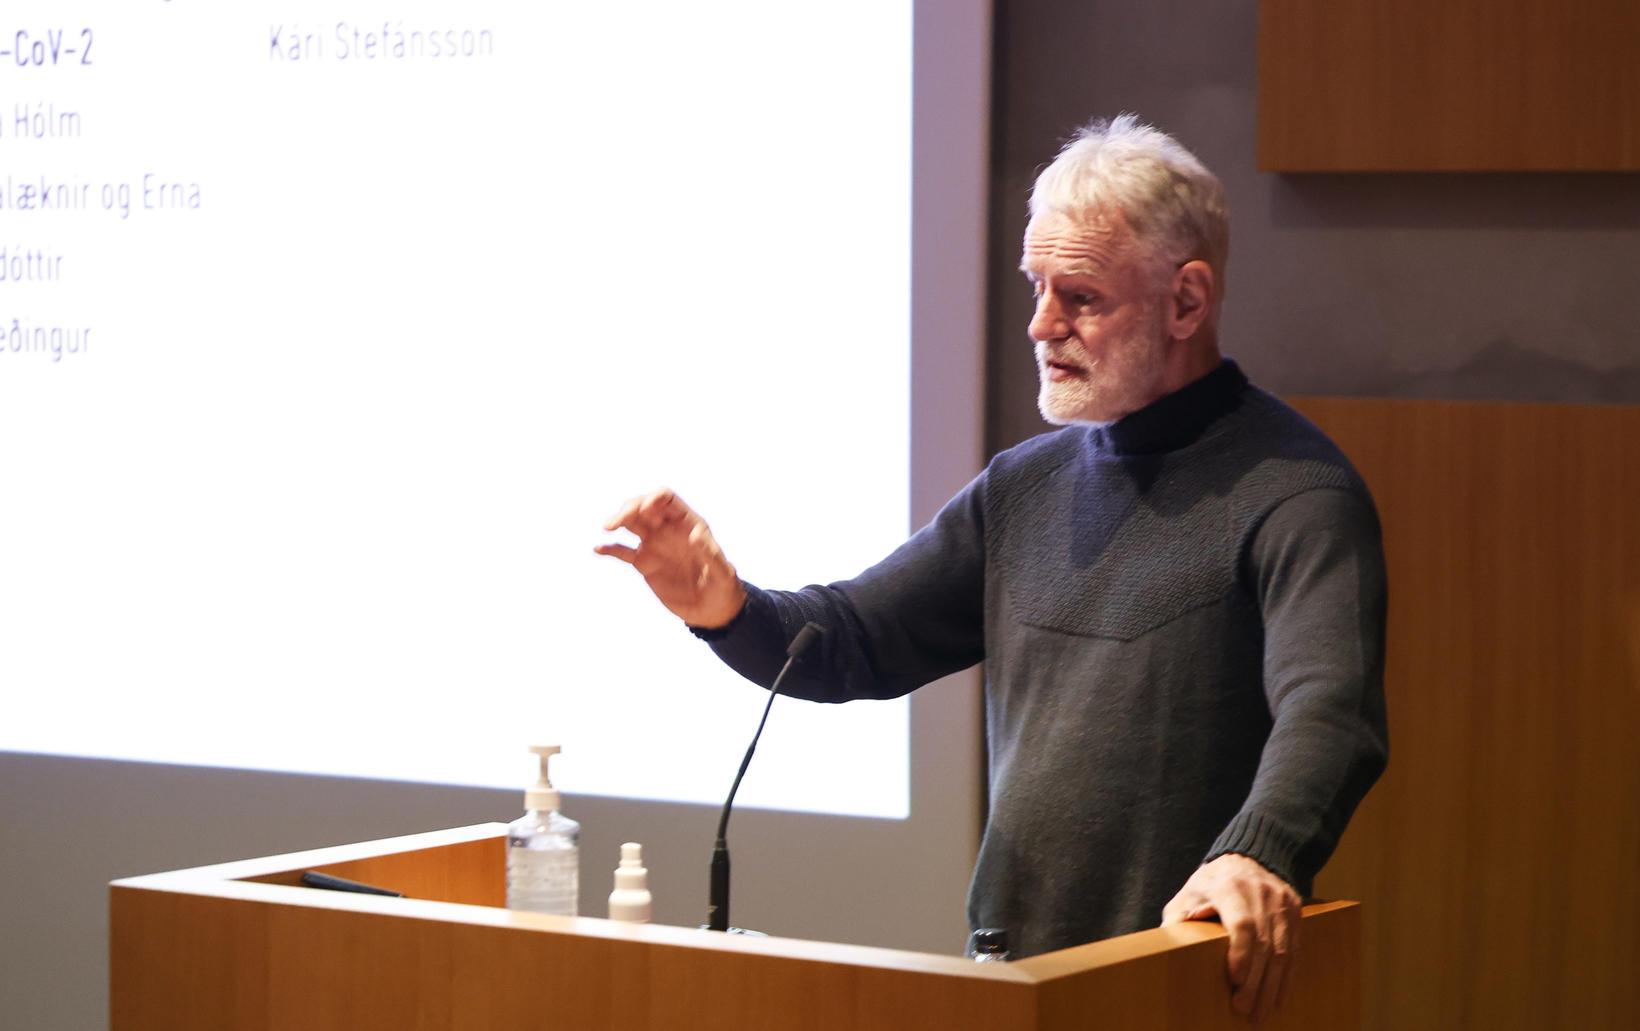 Kári Stefánsson, forstjóri Íslenskrar erfðagreiningar, á fundinum í dag.